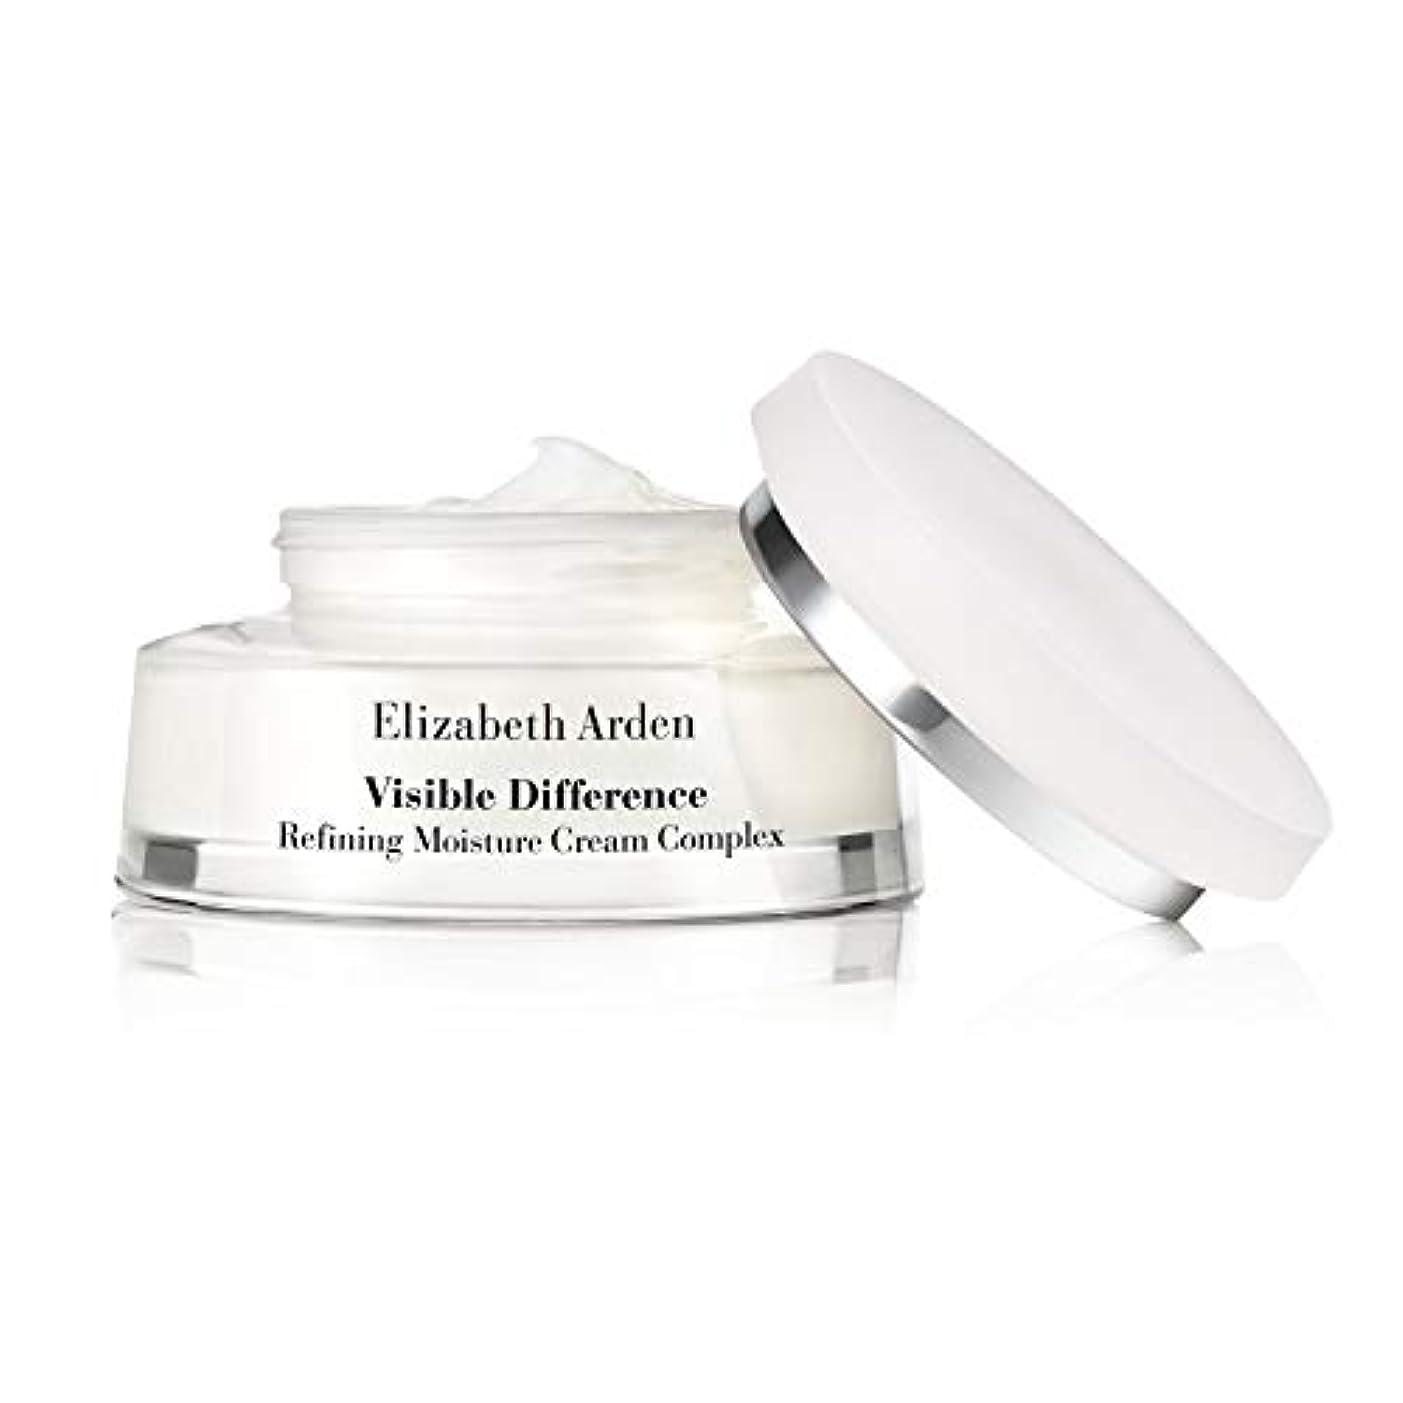 用量もっともらしいチャンバーELIZABETH ARDEN VISIBLE DIFFERENCE Refining Moisture Cream Complex 75 ml 2.5 oz